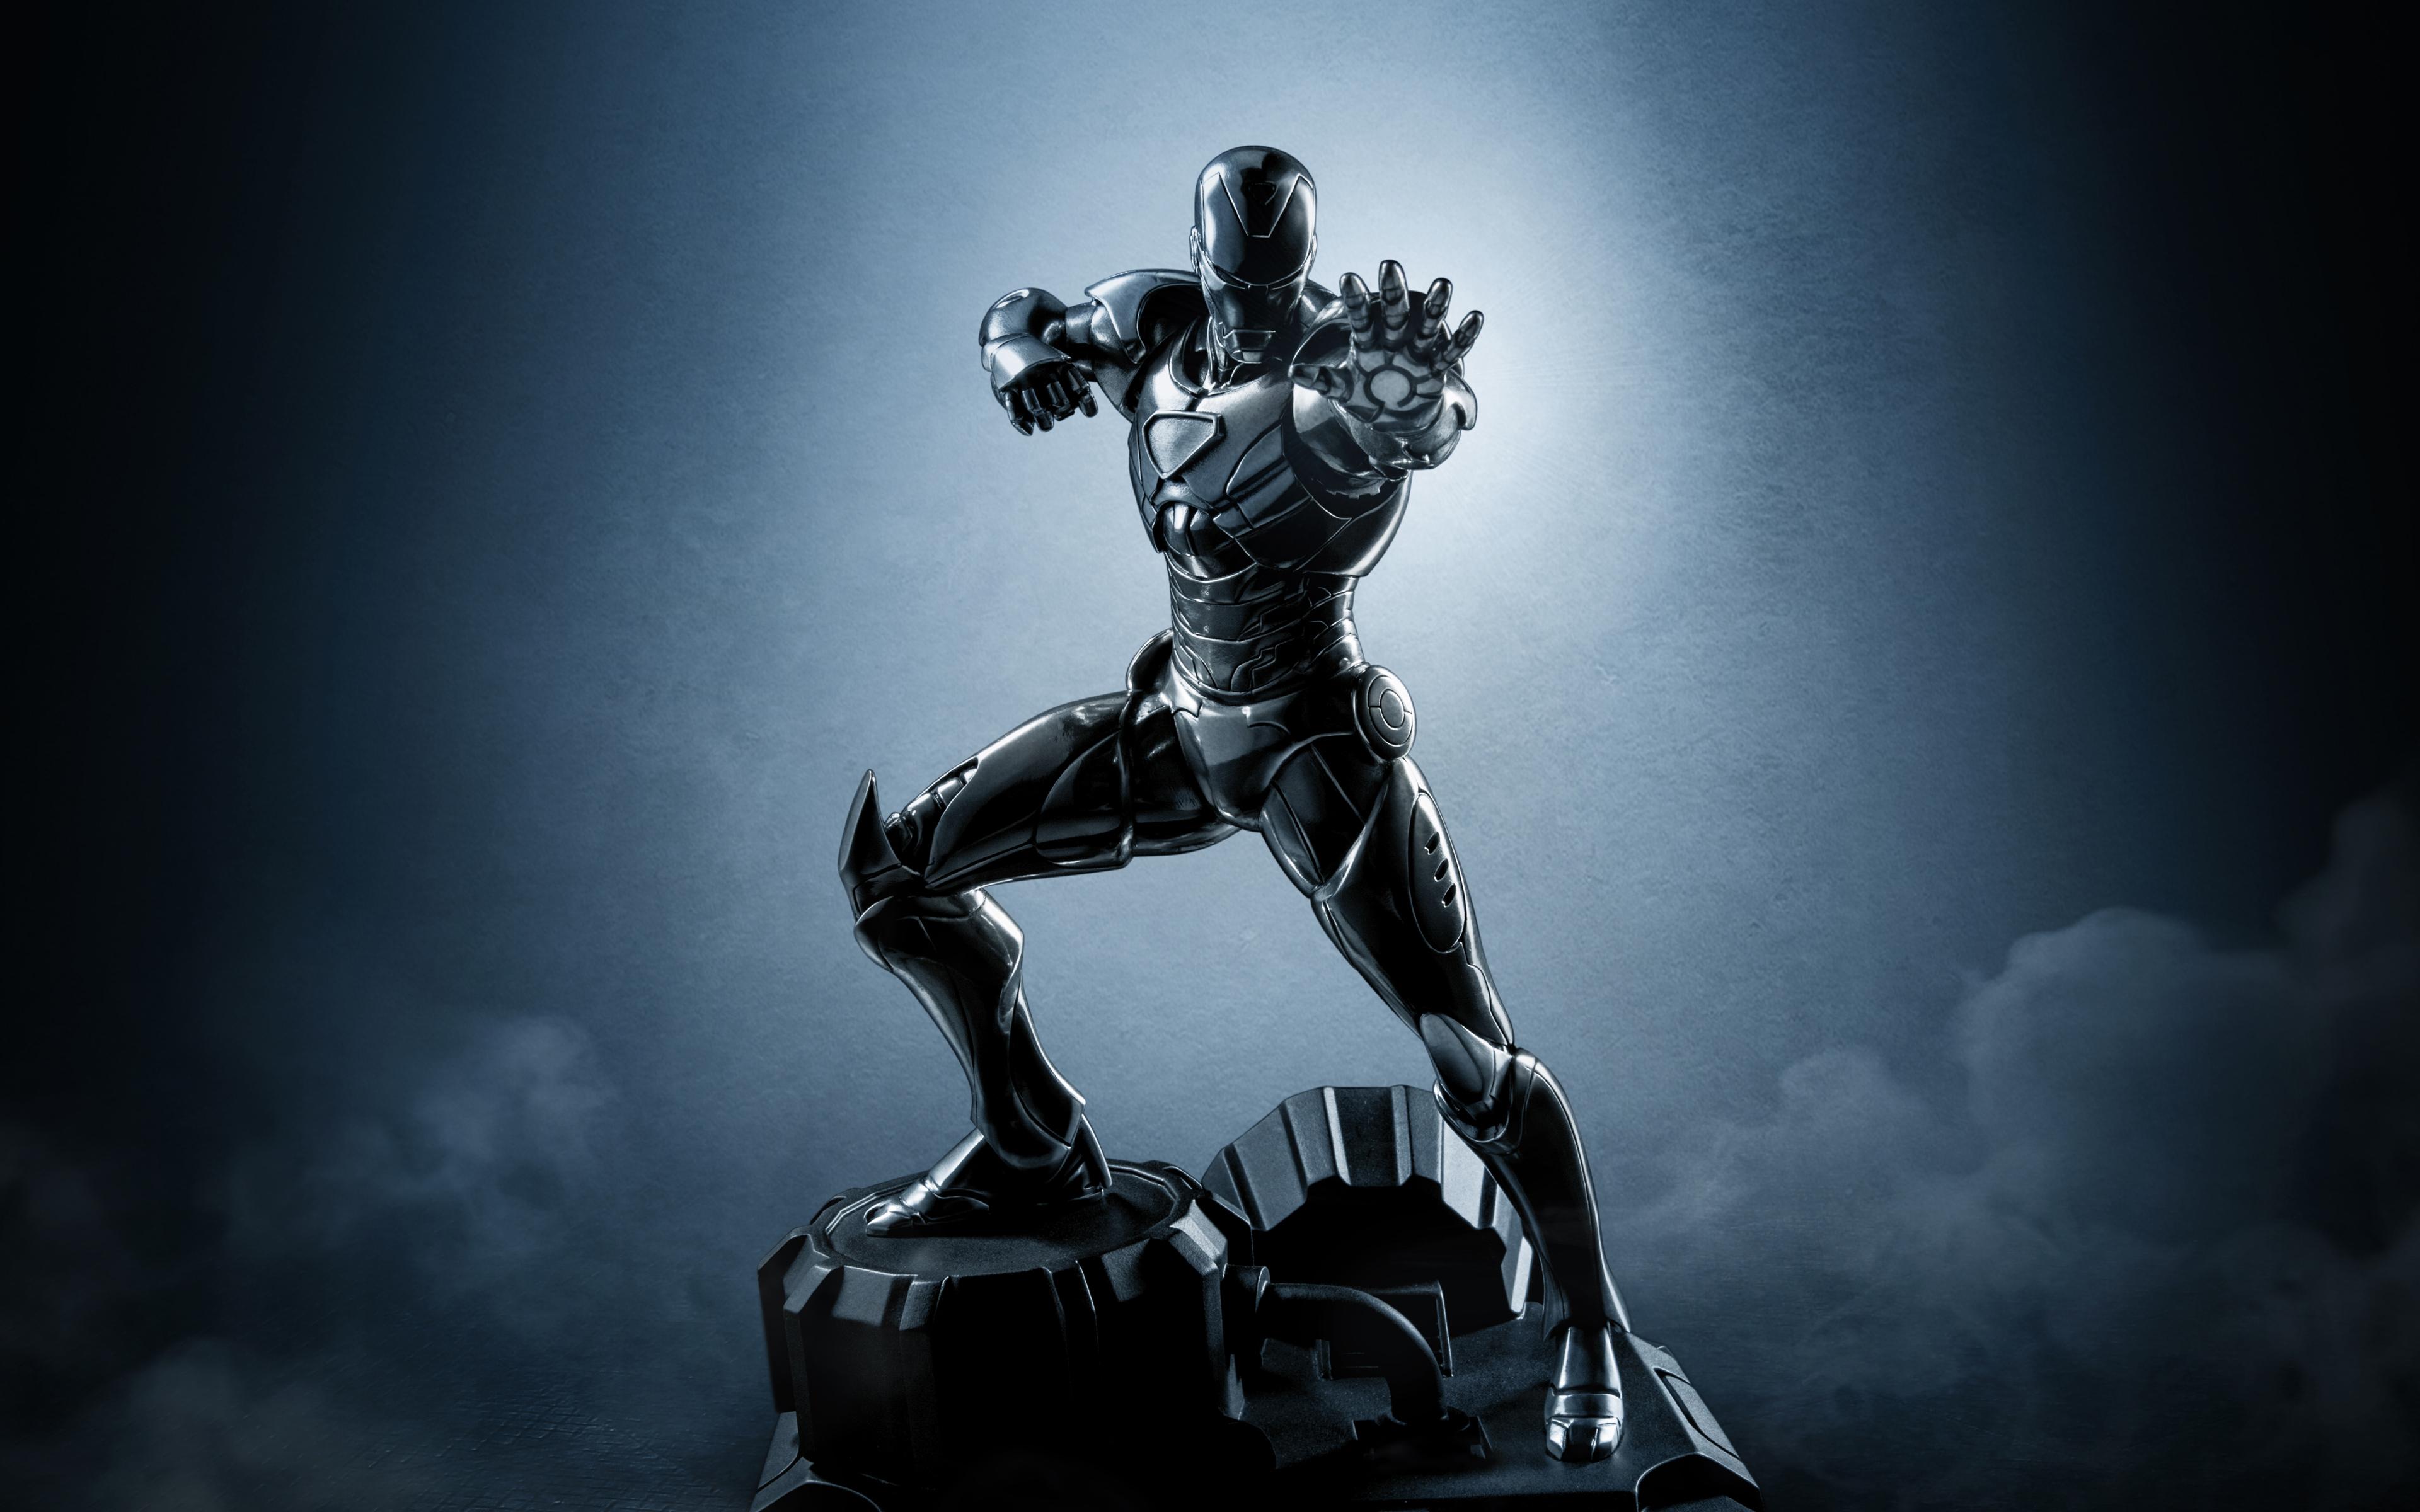 Фигура Железного человека обои скачать